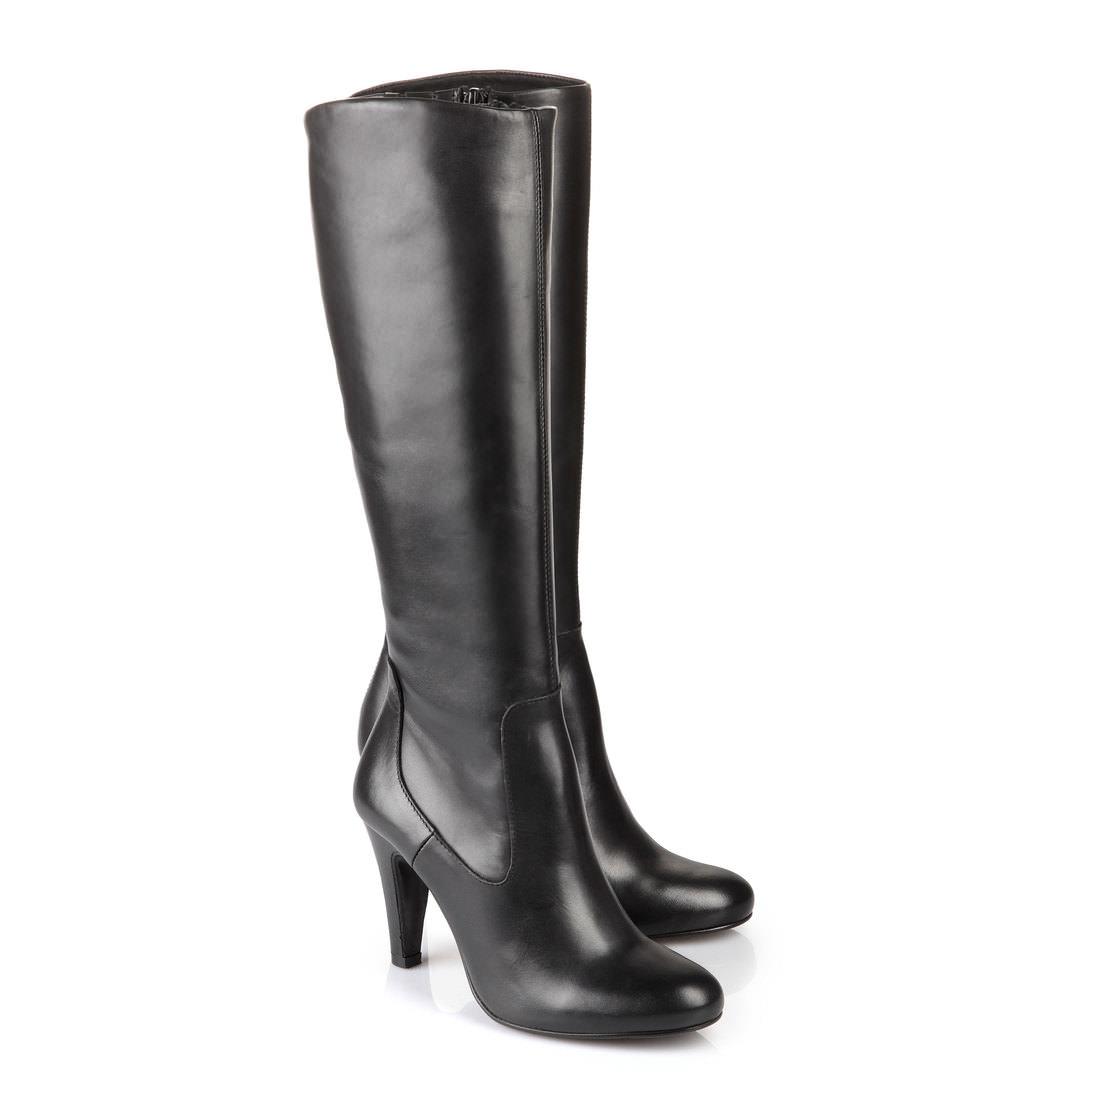 Buffalo stiefel in schwarz aus glattem leder online kaufen for Kuchenstuhle leder schwarz